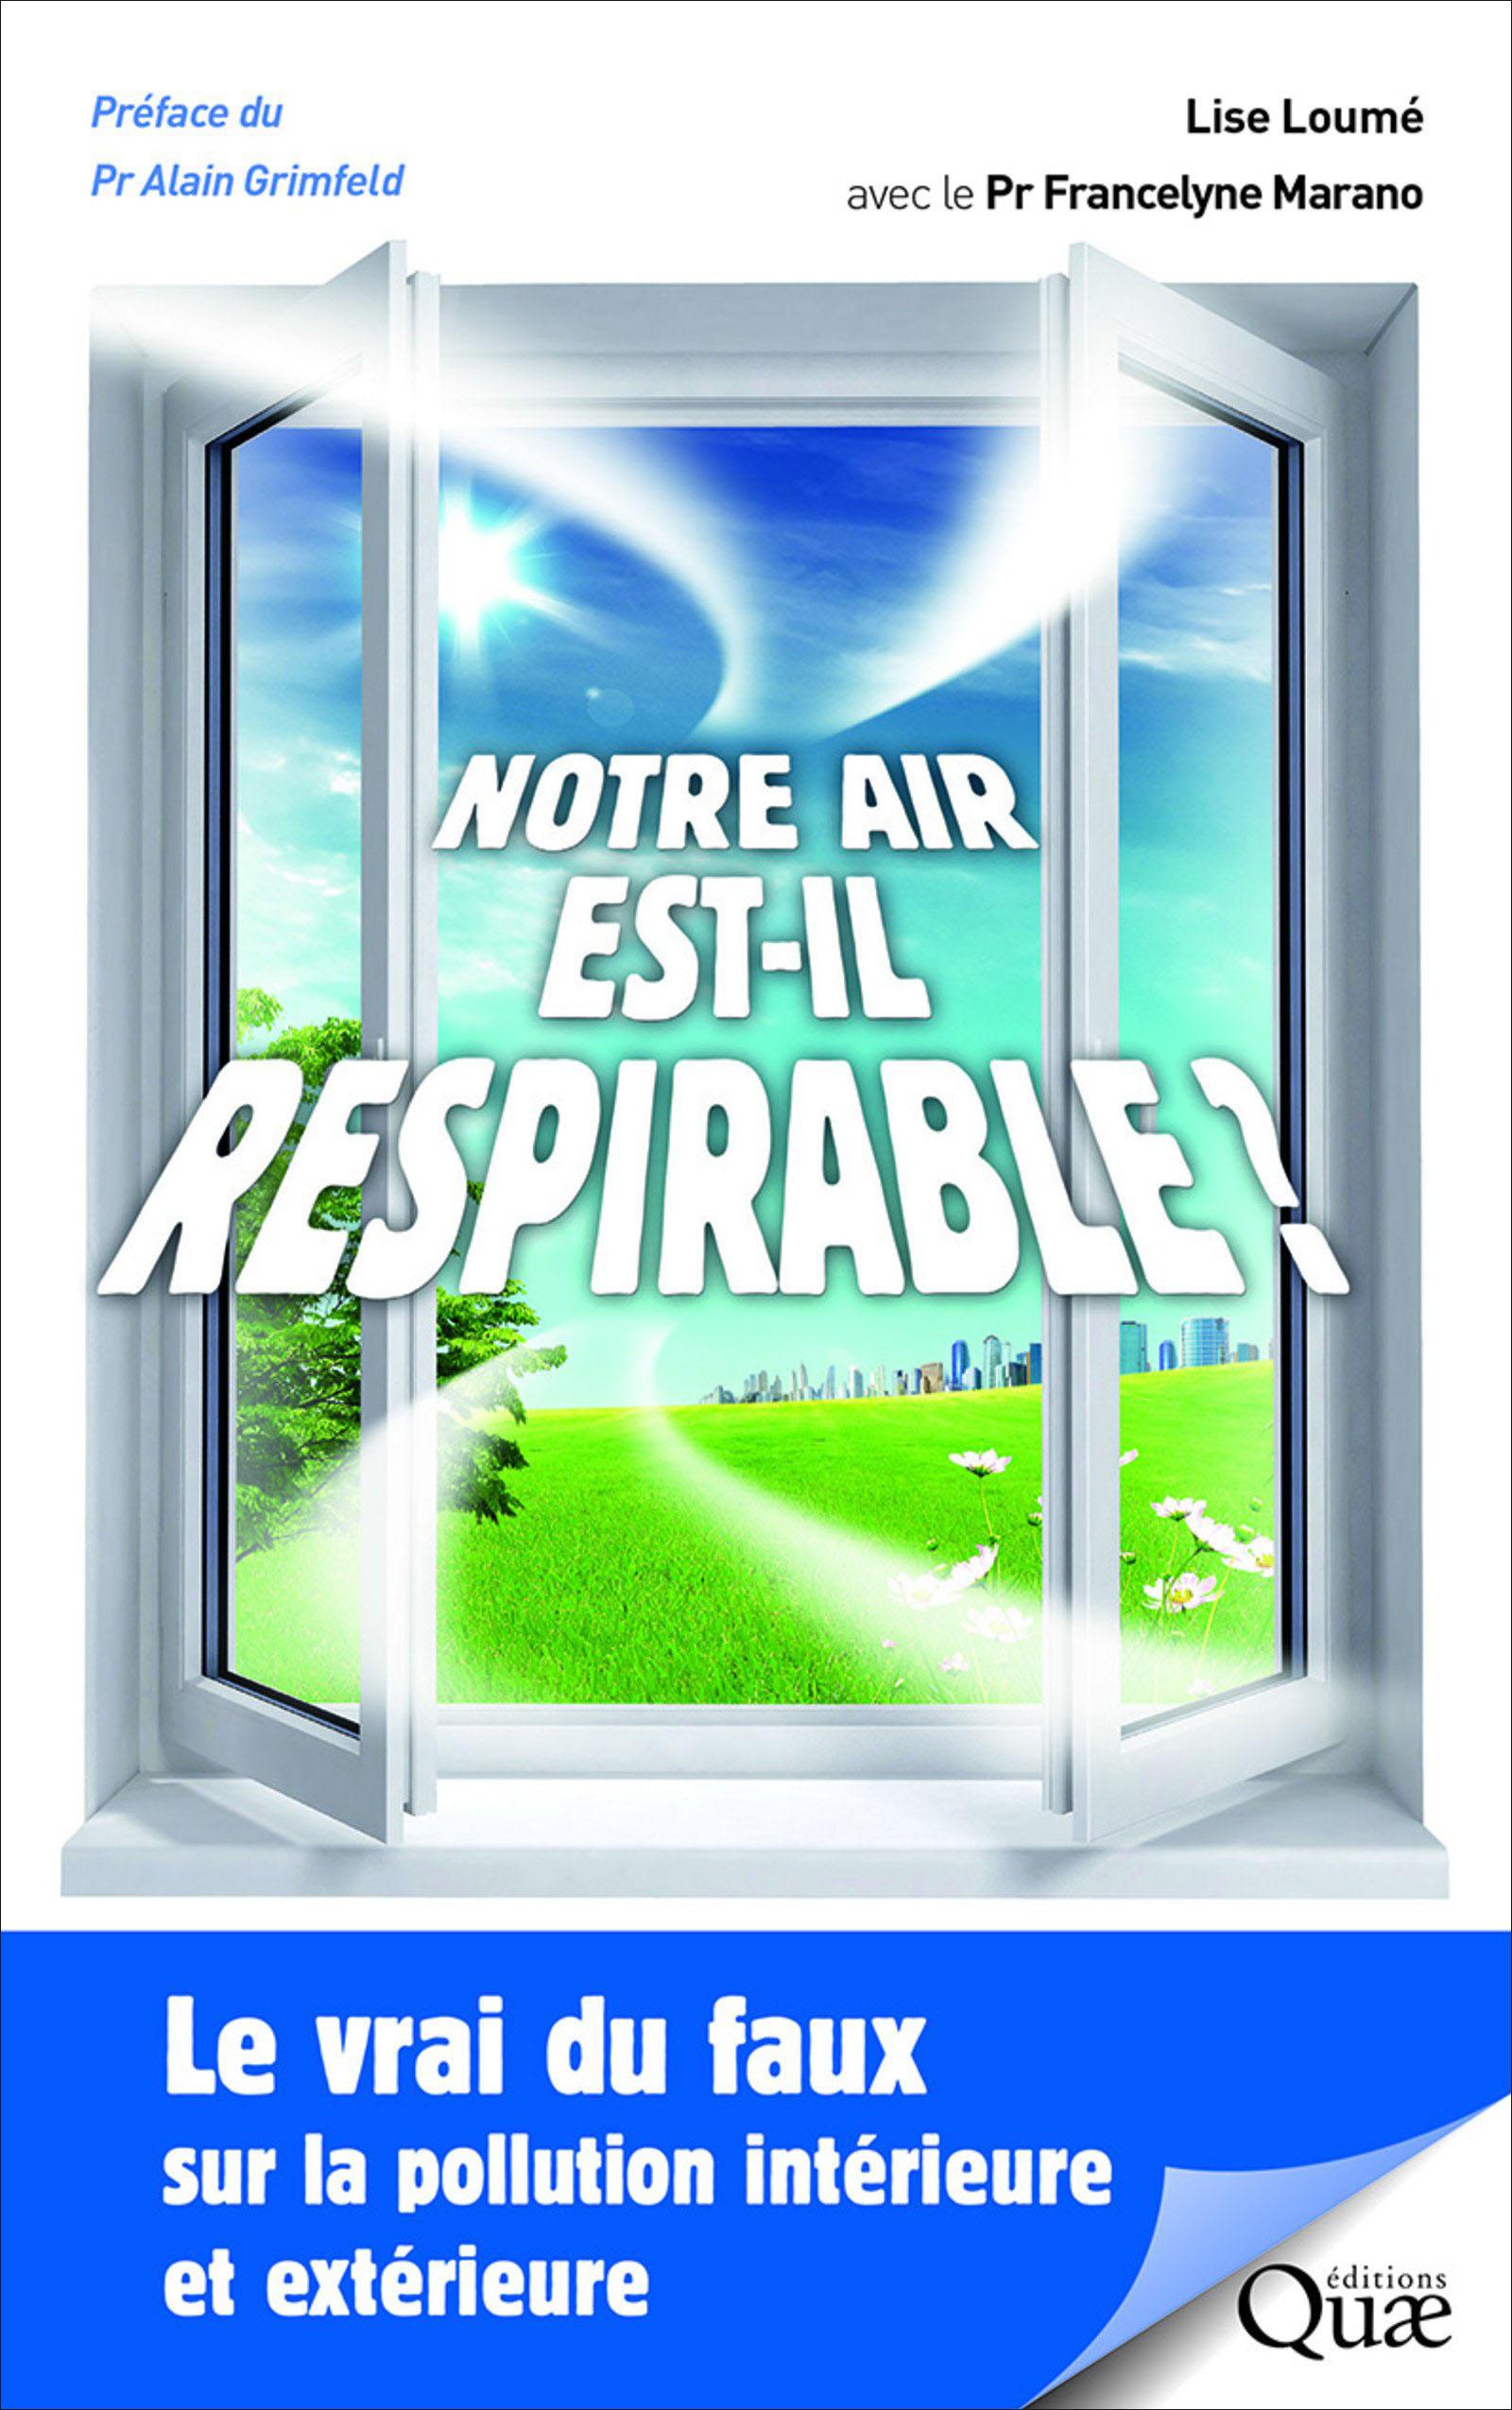 Notre air est-il respirable ? (L. Loumé, F. Marano, Quae, 2018)